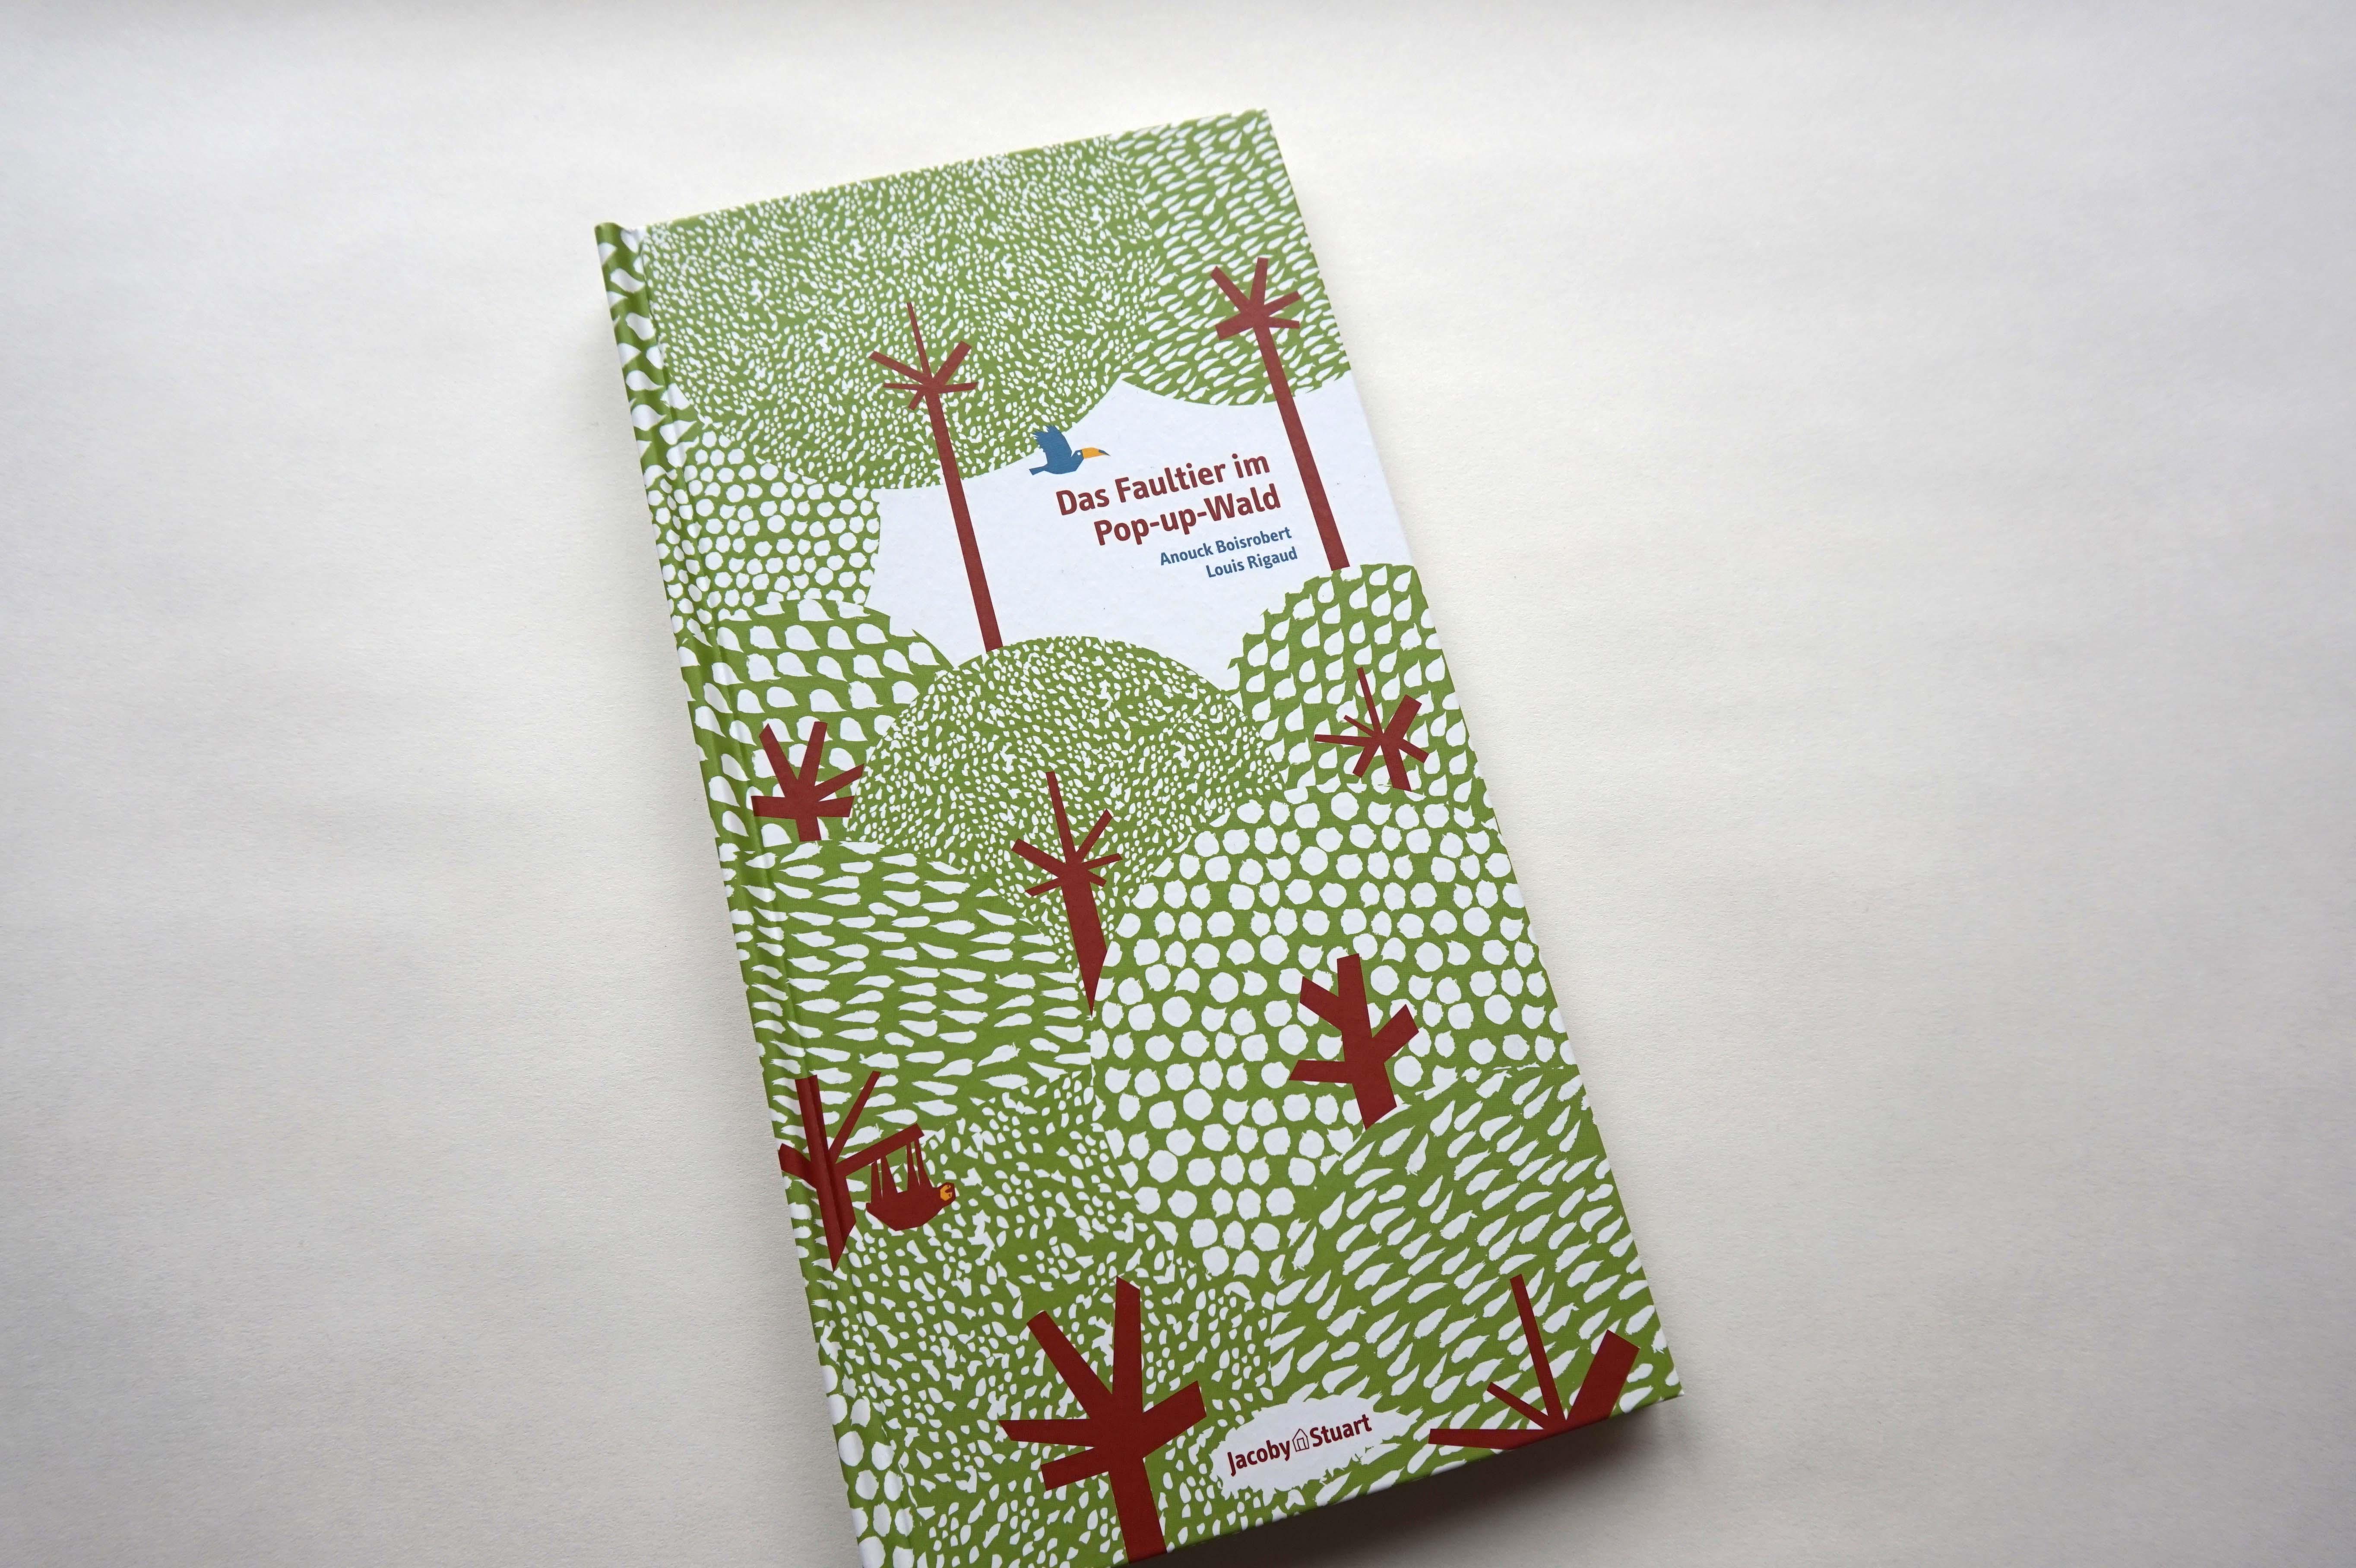 Das Faultier im Pop-up-Wald Book Cover